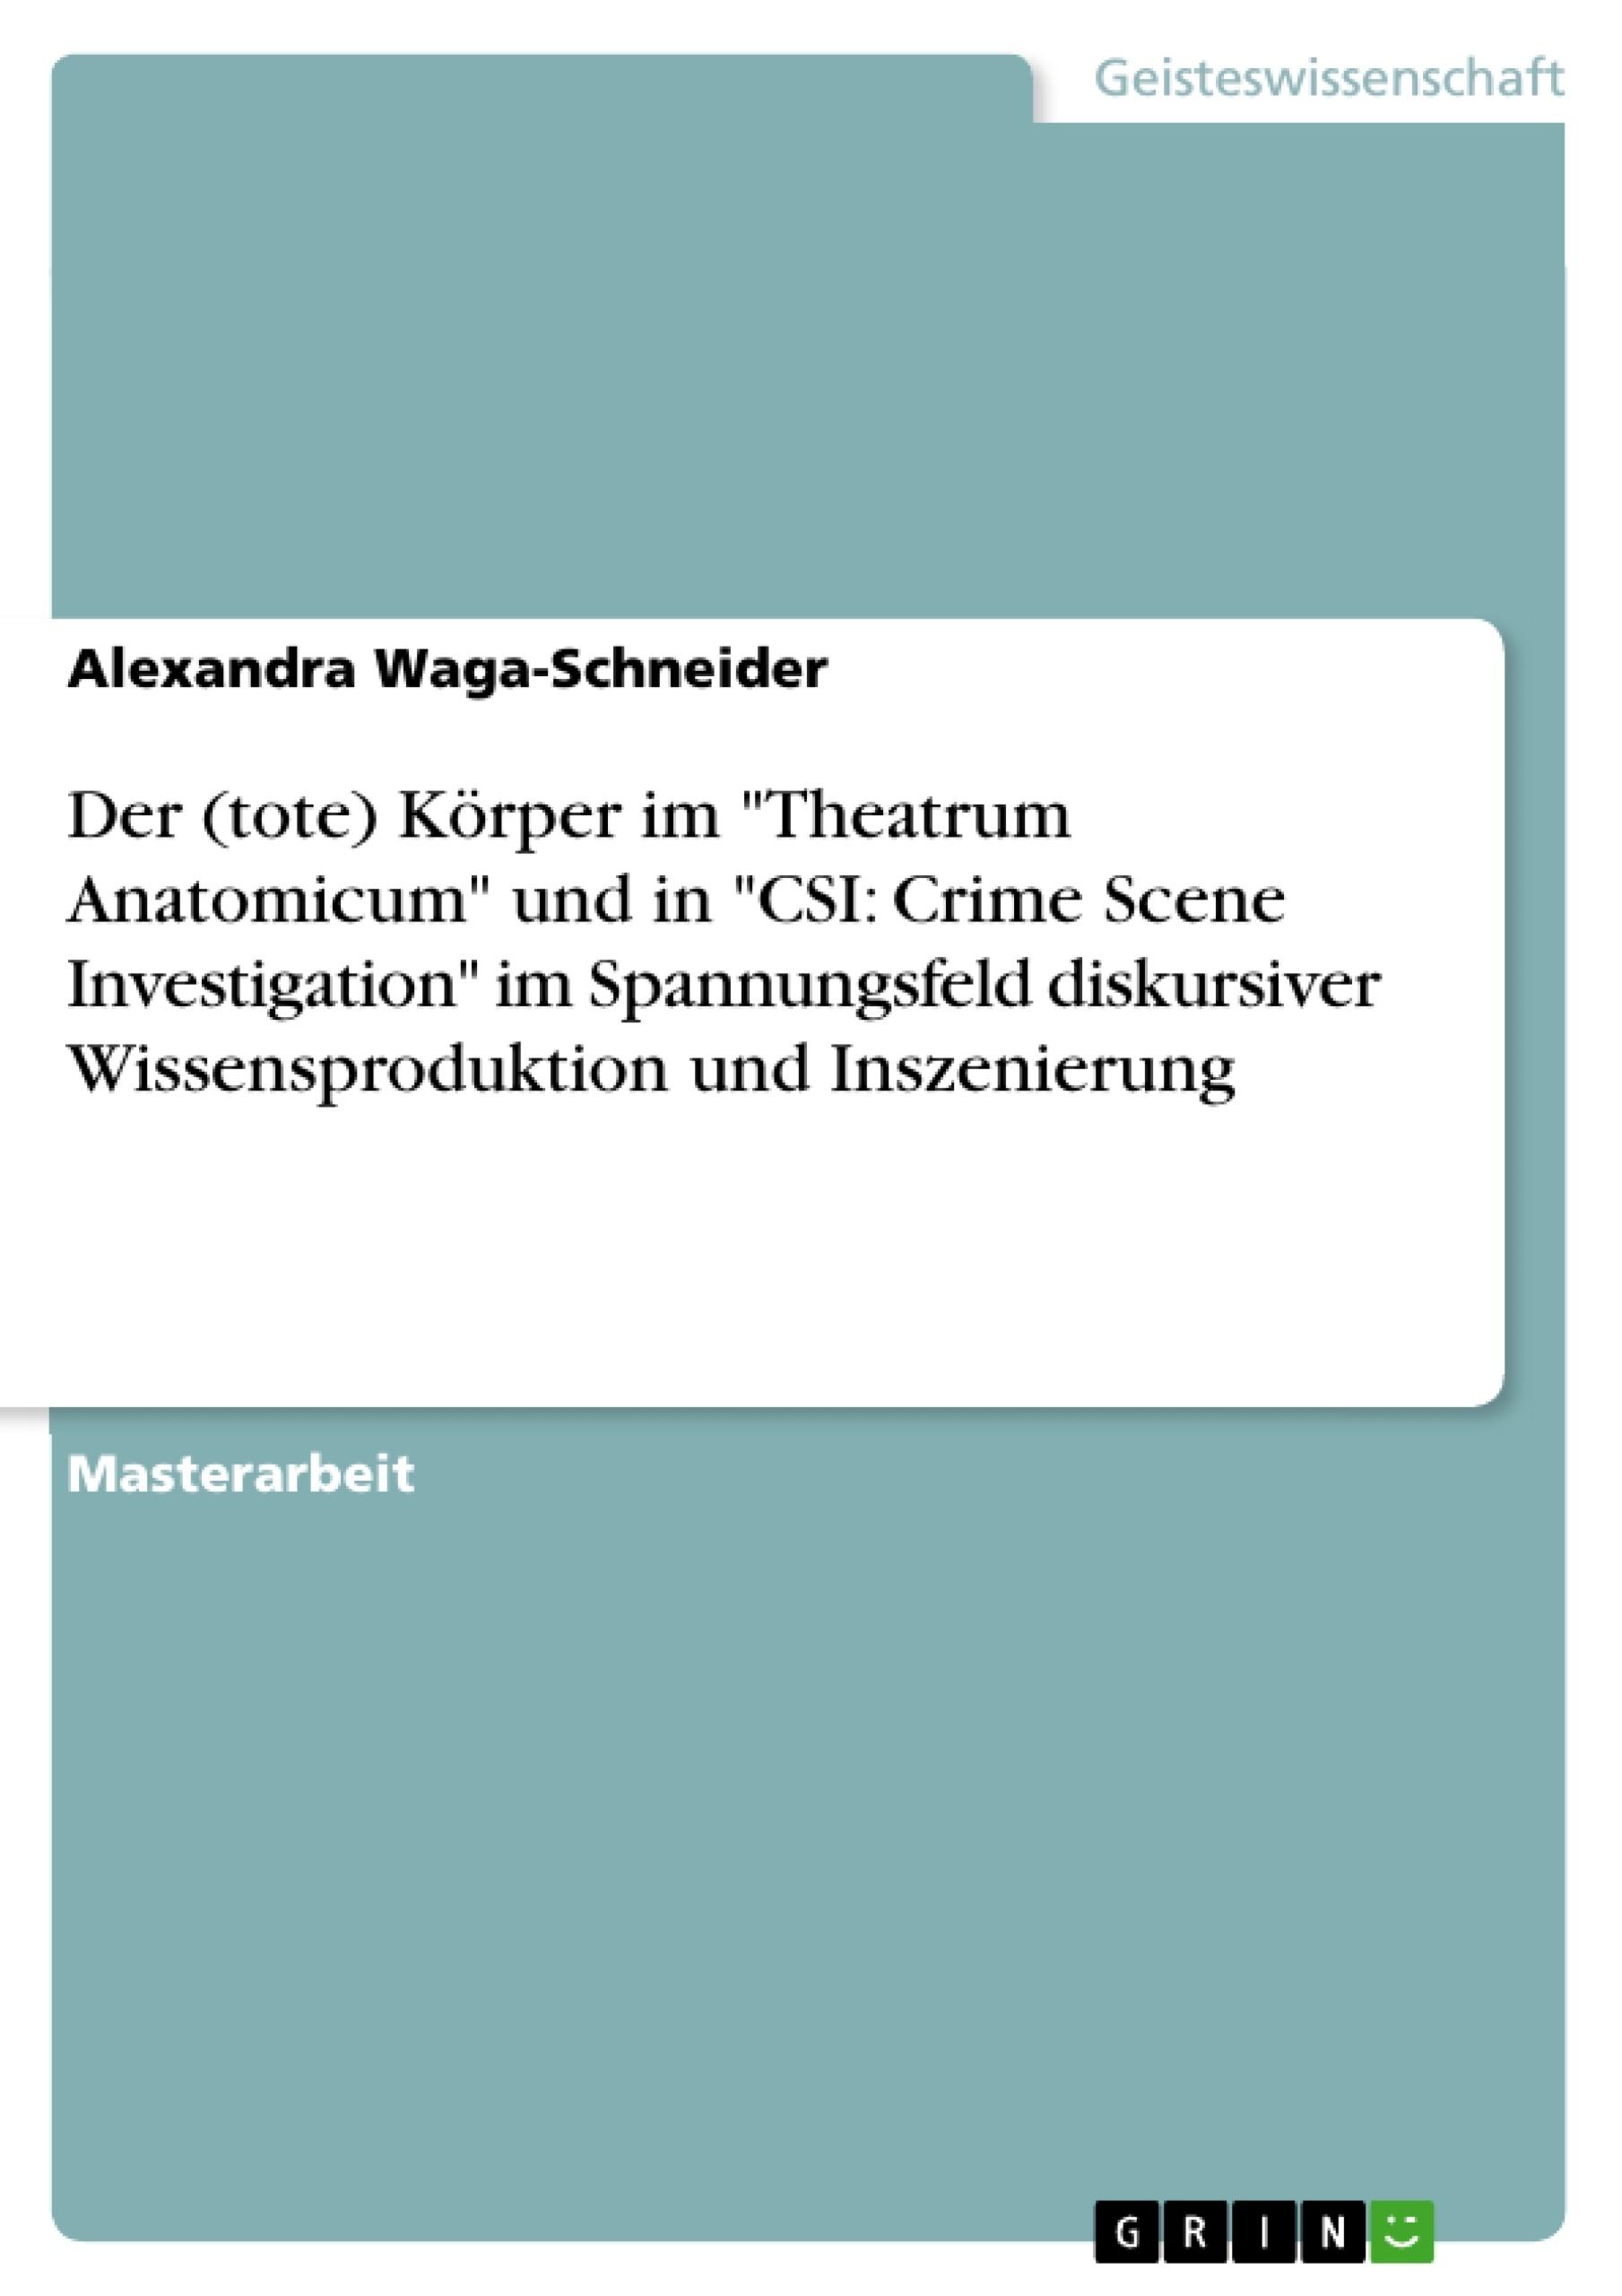 """Titel: Der (tote) Körper im """"Theatrum Anatomicum"""" und in """"CSI: Crime Scene Investigation"""" im Spannungsfeld diskursiver Wissensproduktion und Inszenierung"""